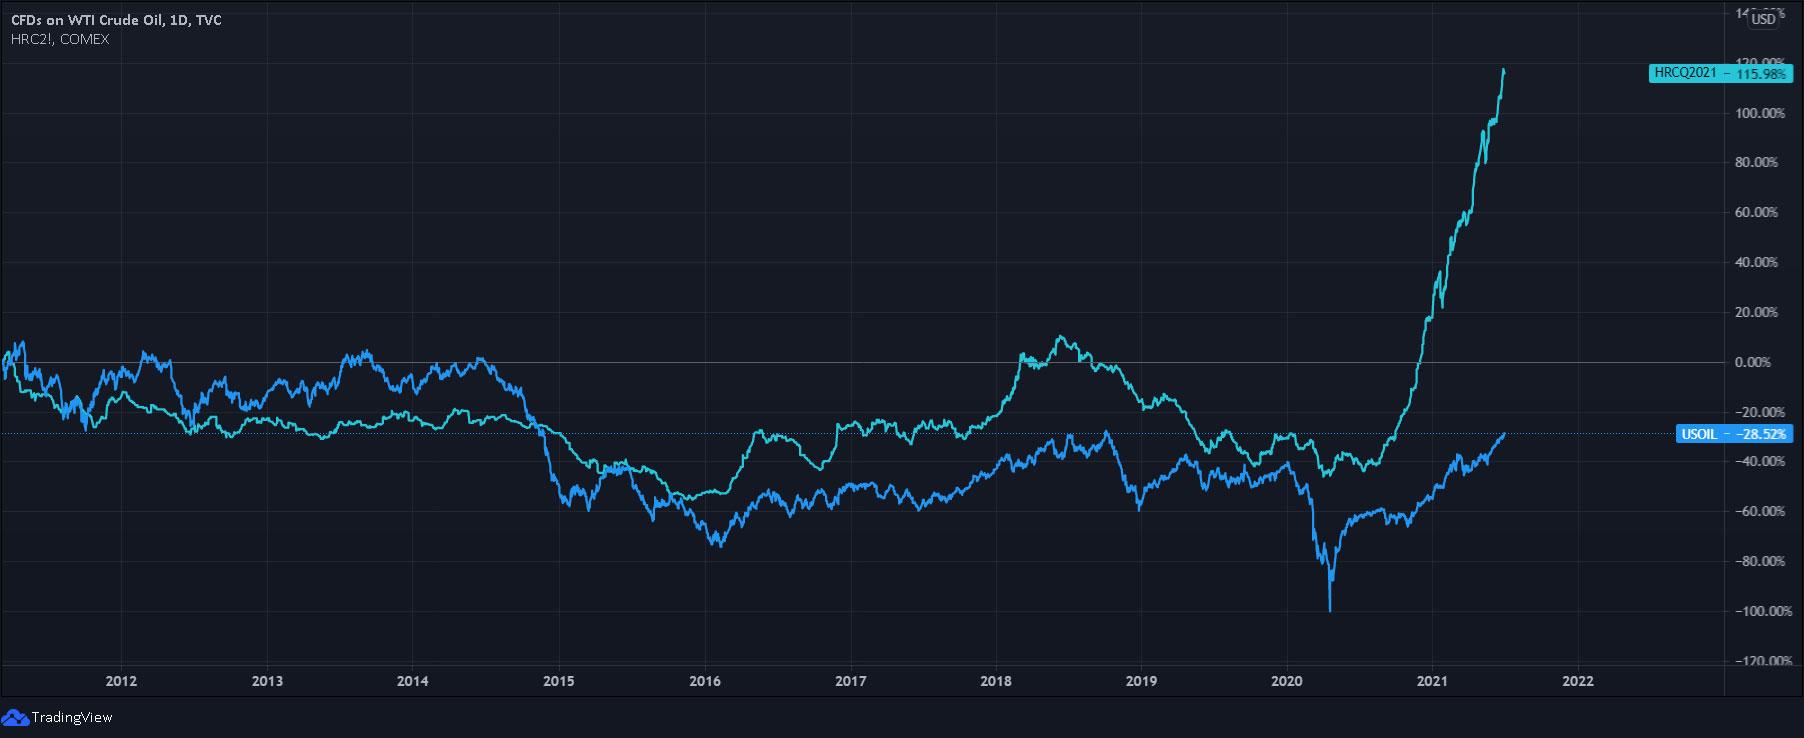 نمودار مقایسه روند تغییر قیمت نفت و ورق فولادی